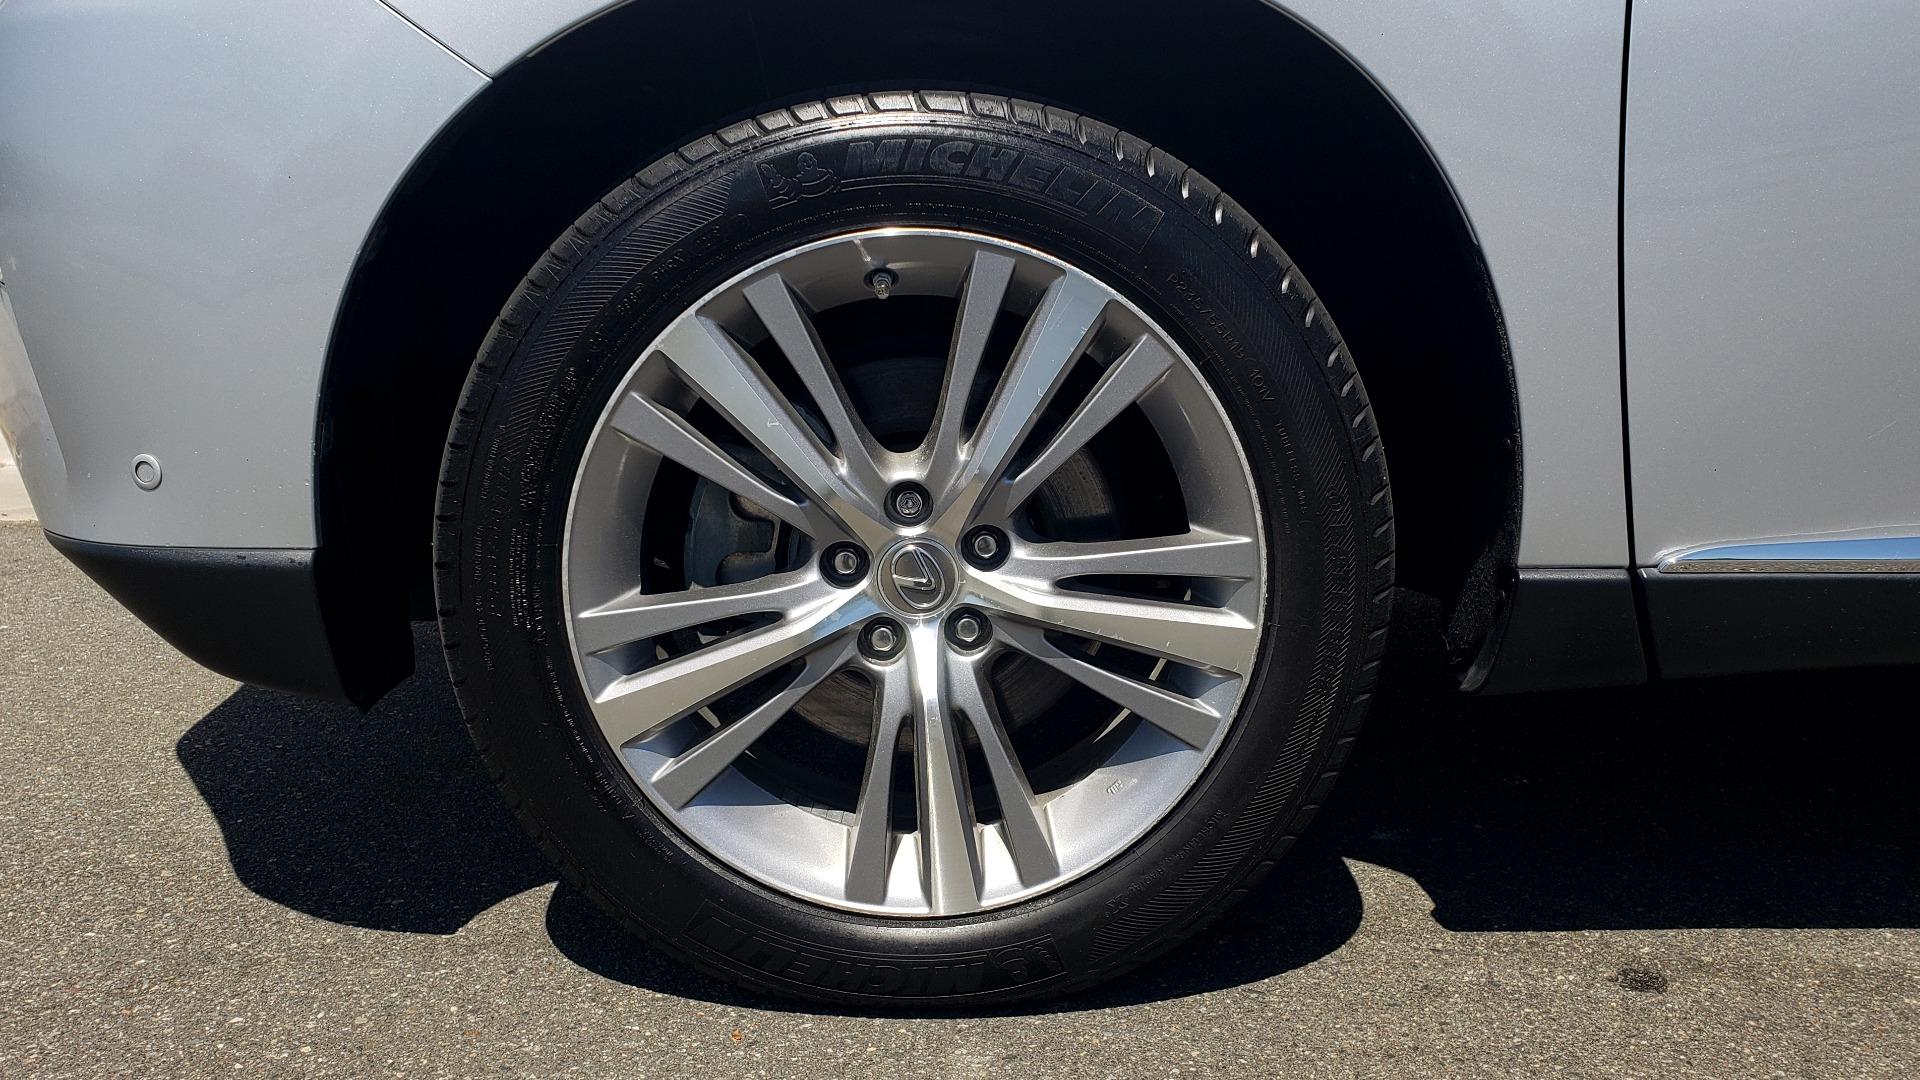 Used 2015 Lexus RX 450H AWD / PREM PKG / NAV / PARK ASST / HUD / BLIND SPOT MONITOR for sale Sold at Formula Imports in Charlotte NC 28227 83